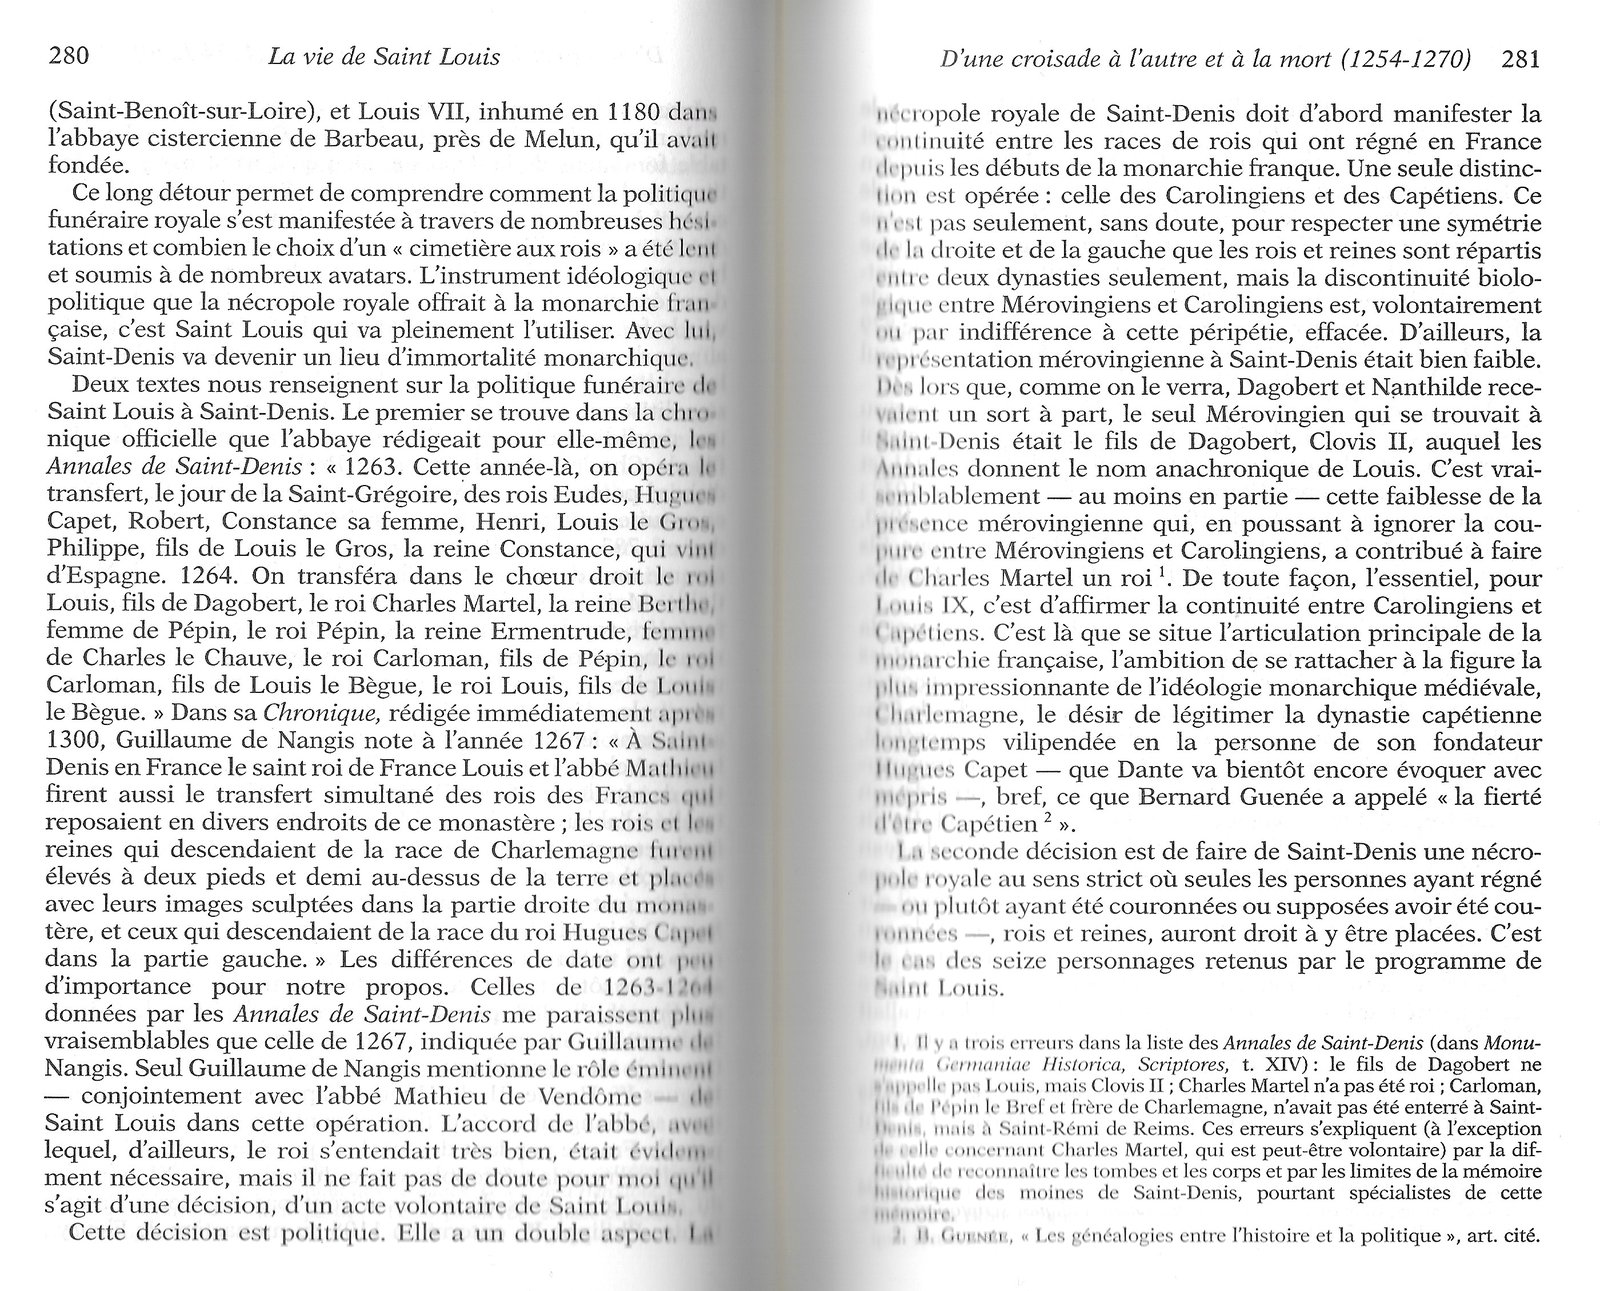 Le programme funéraire de Louis IX 201126022327748472